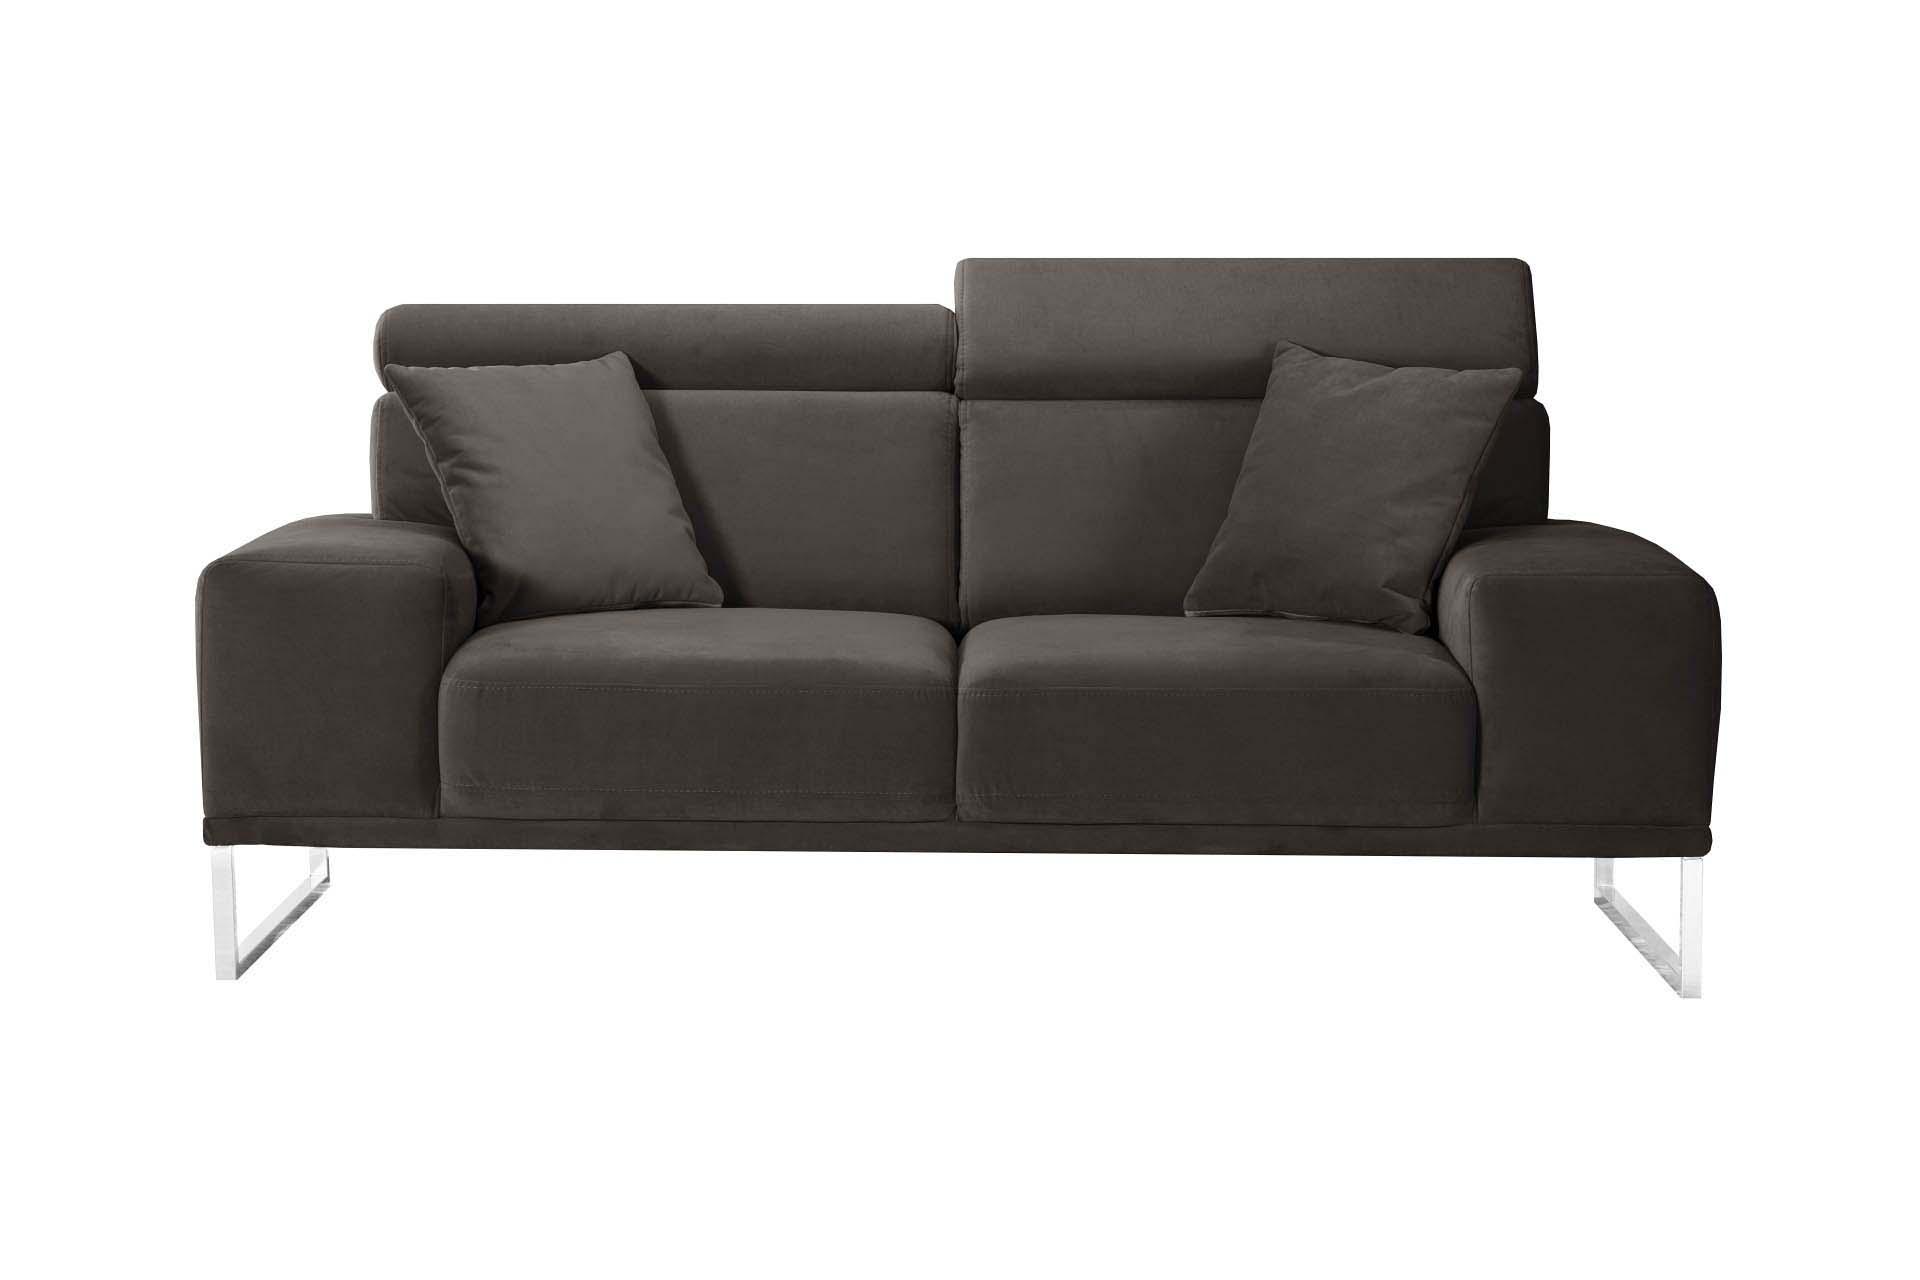 Canapé 2 places en velours marron cendré